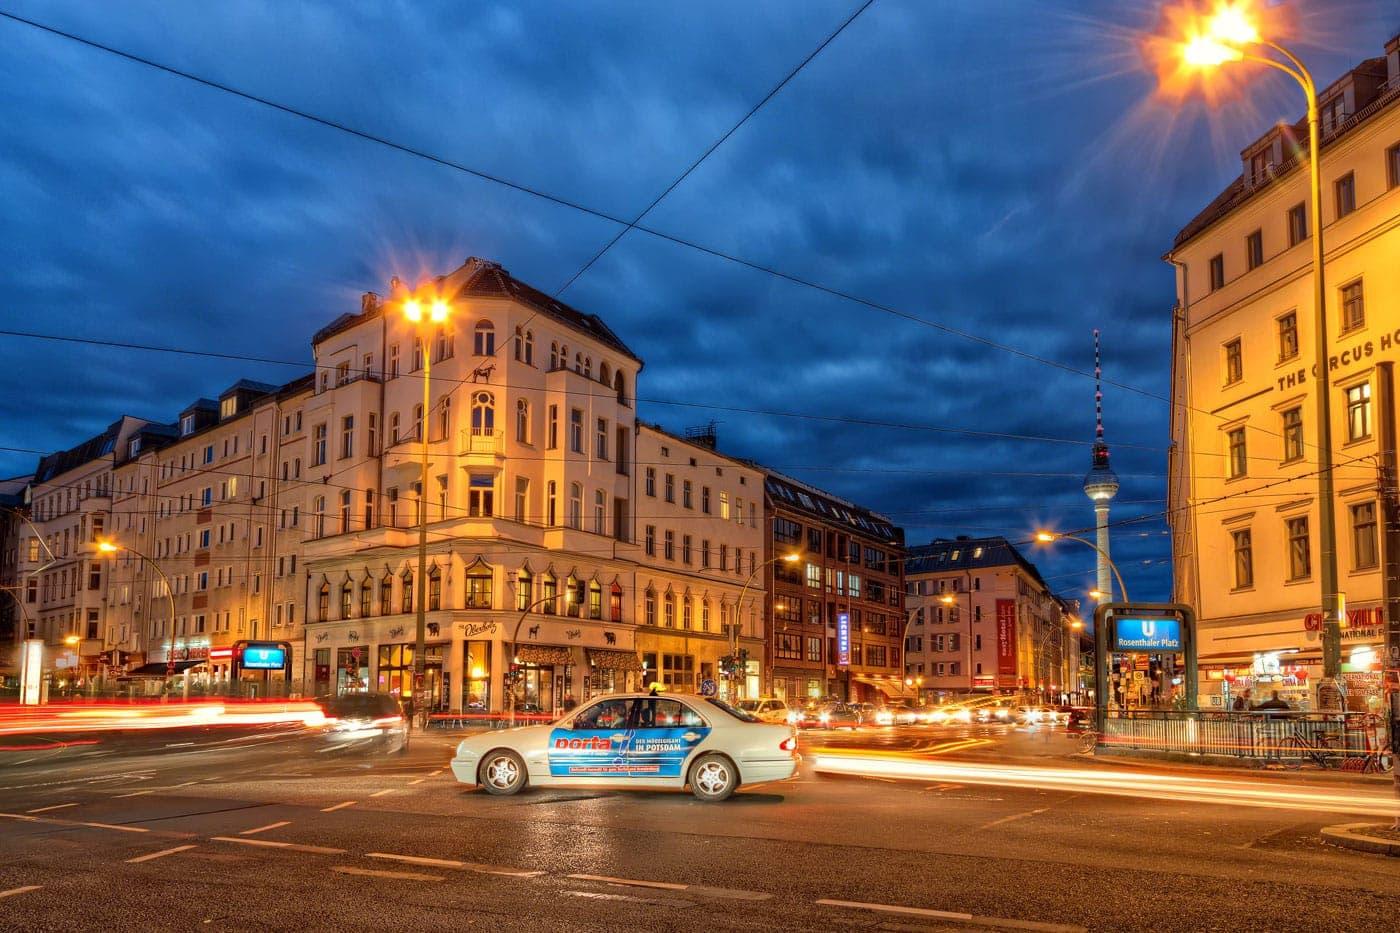 Urban Traffic at Rosenthaler Platz | Berlin, Germany